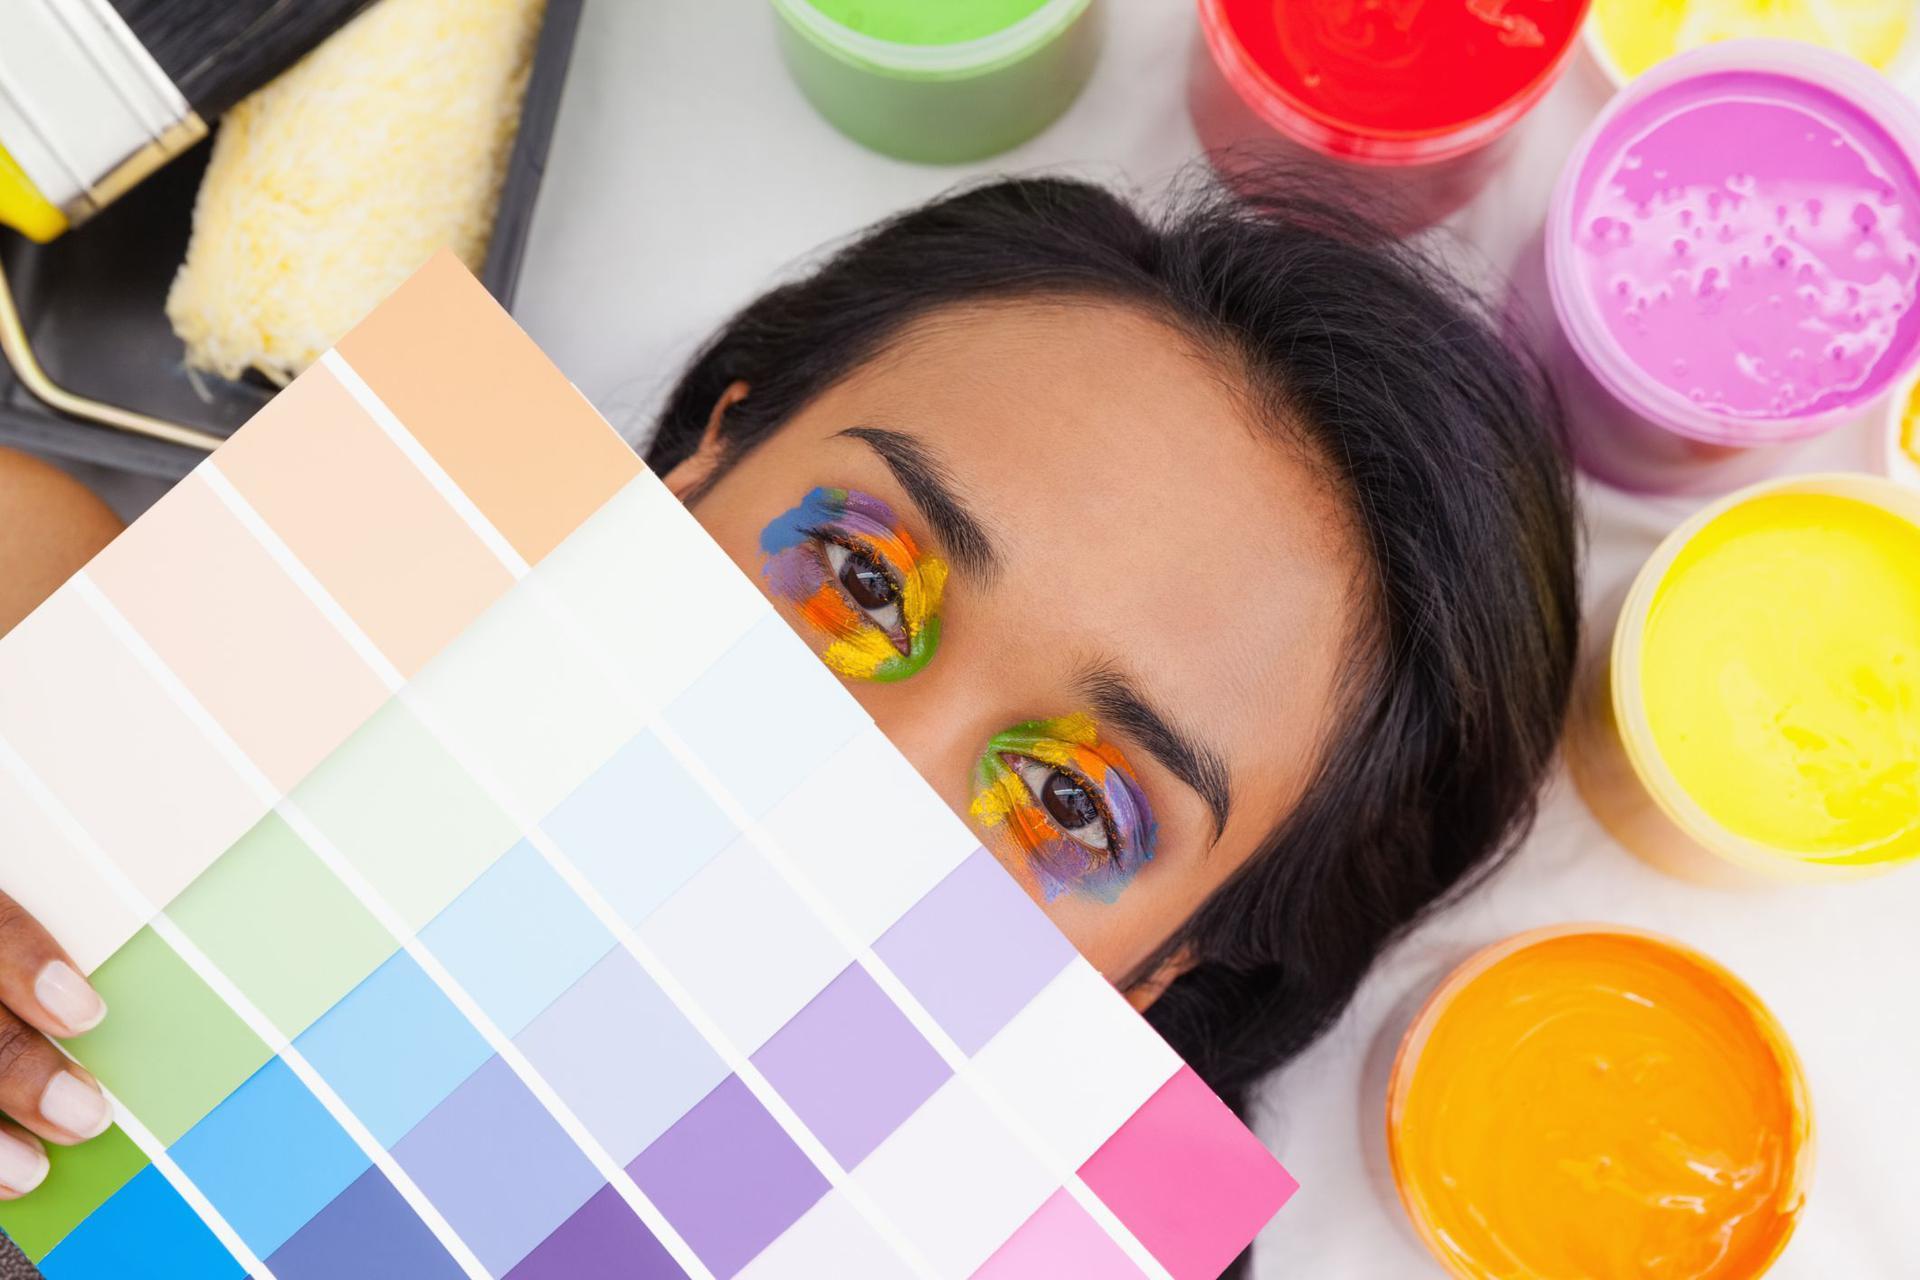 43f4121897de96 Znaczenie kolorów, czyli co oznaczają poszczególne barwy -  PoradnikZdrowie.pl